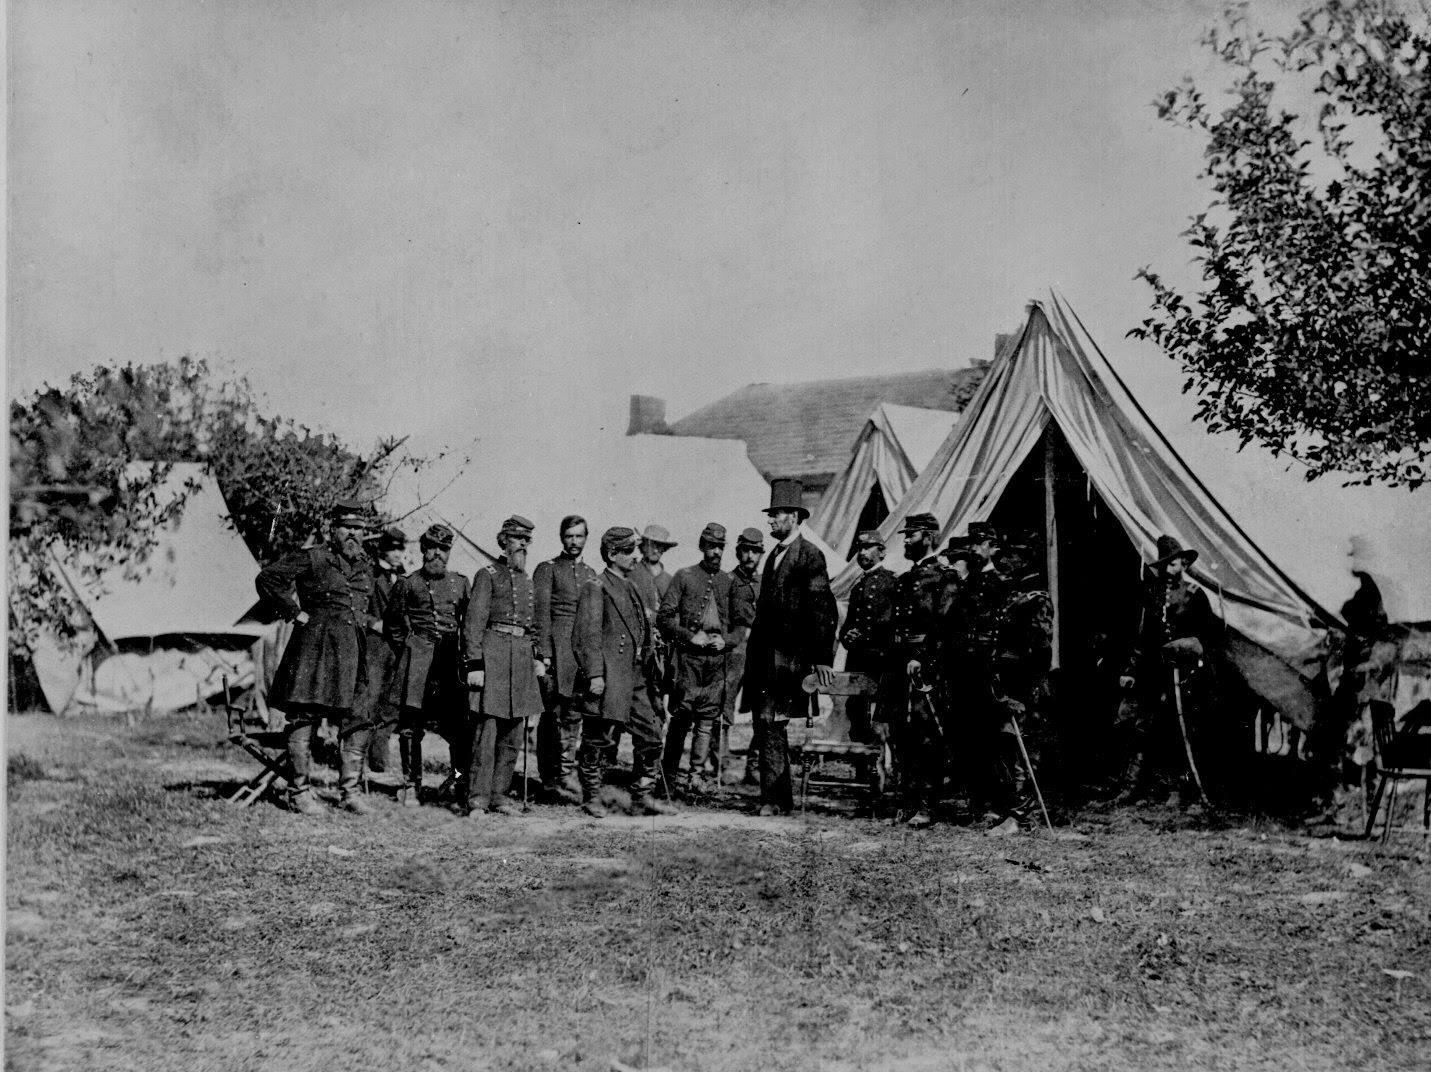 Guerra Civil Estadounidense - Lincoln